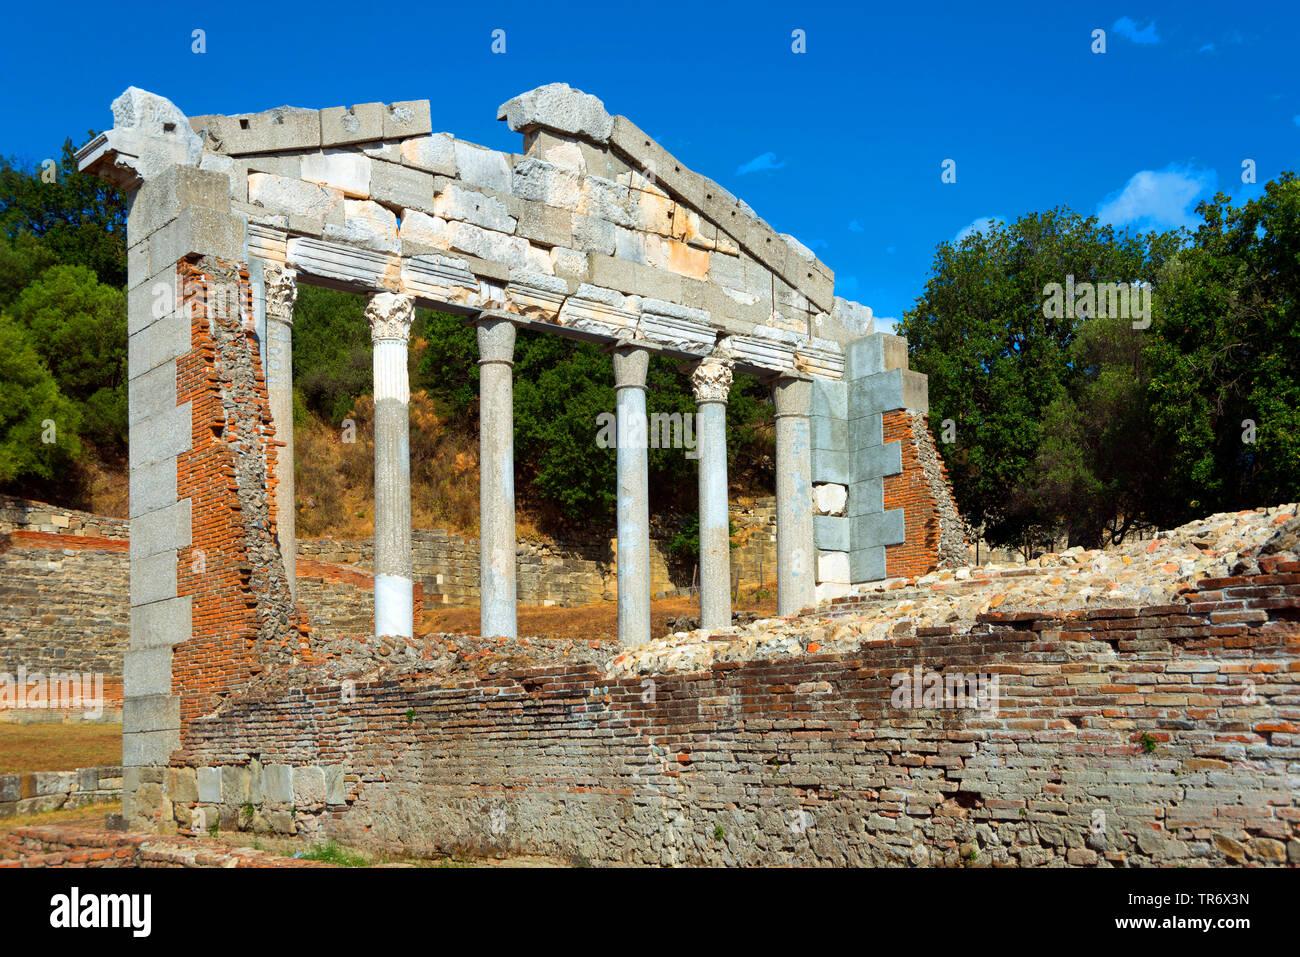 Restauriertes Monument der Agonotheten, Bestandteil des Buleuterion, Ruinenstaette Apollonia, Albanien, Fier | Monument of Agonothetes, ruind of ancie - Stock Image